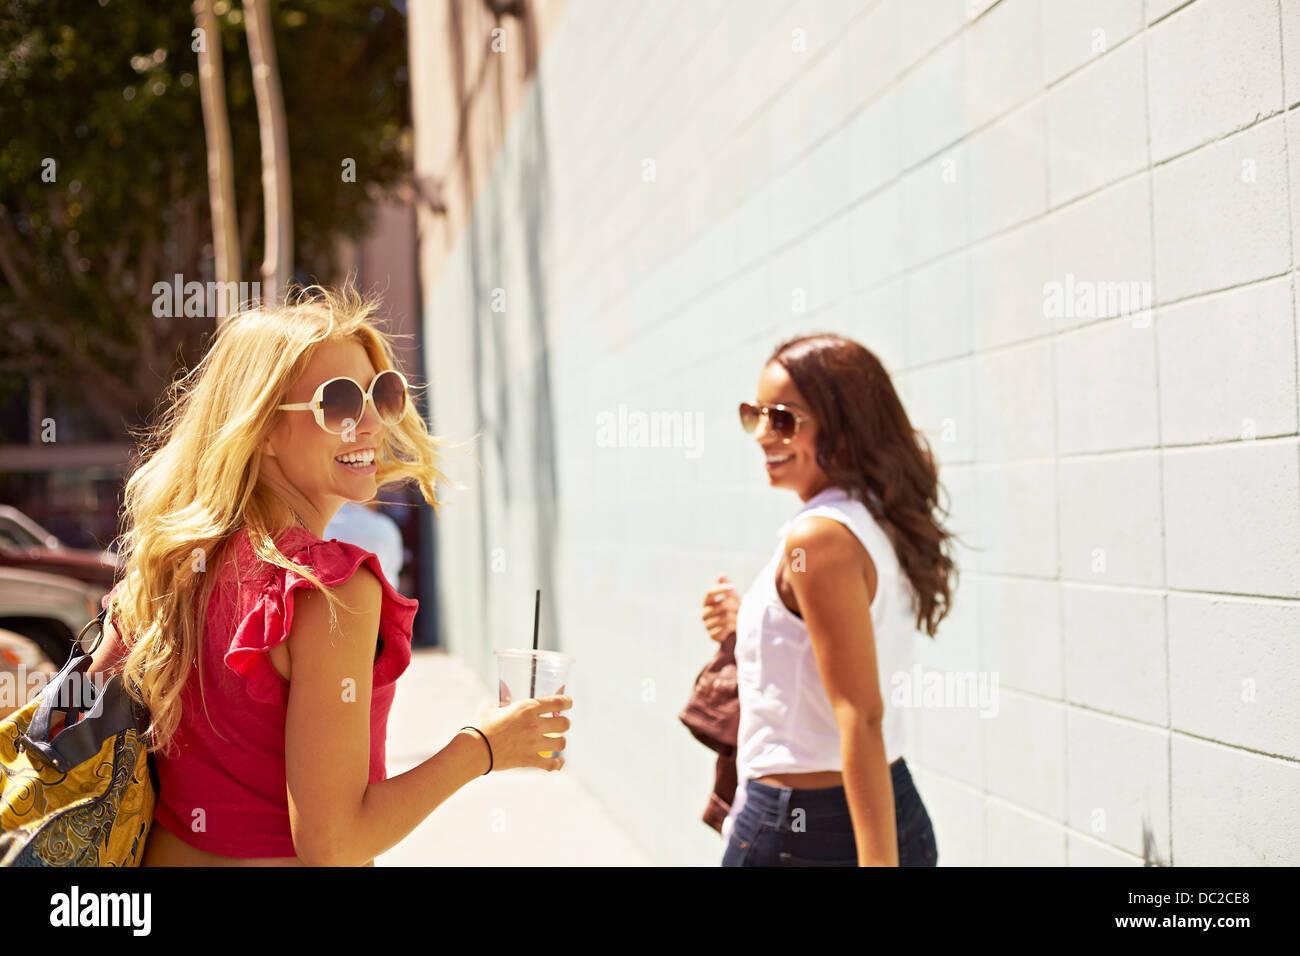 Las mujeres caminando Imagen De Stock